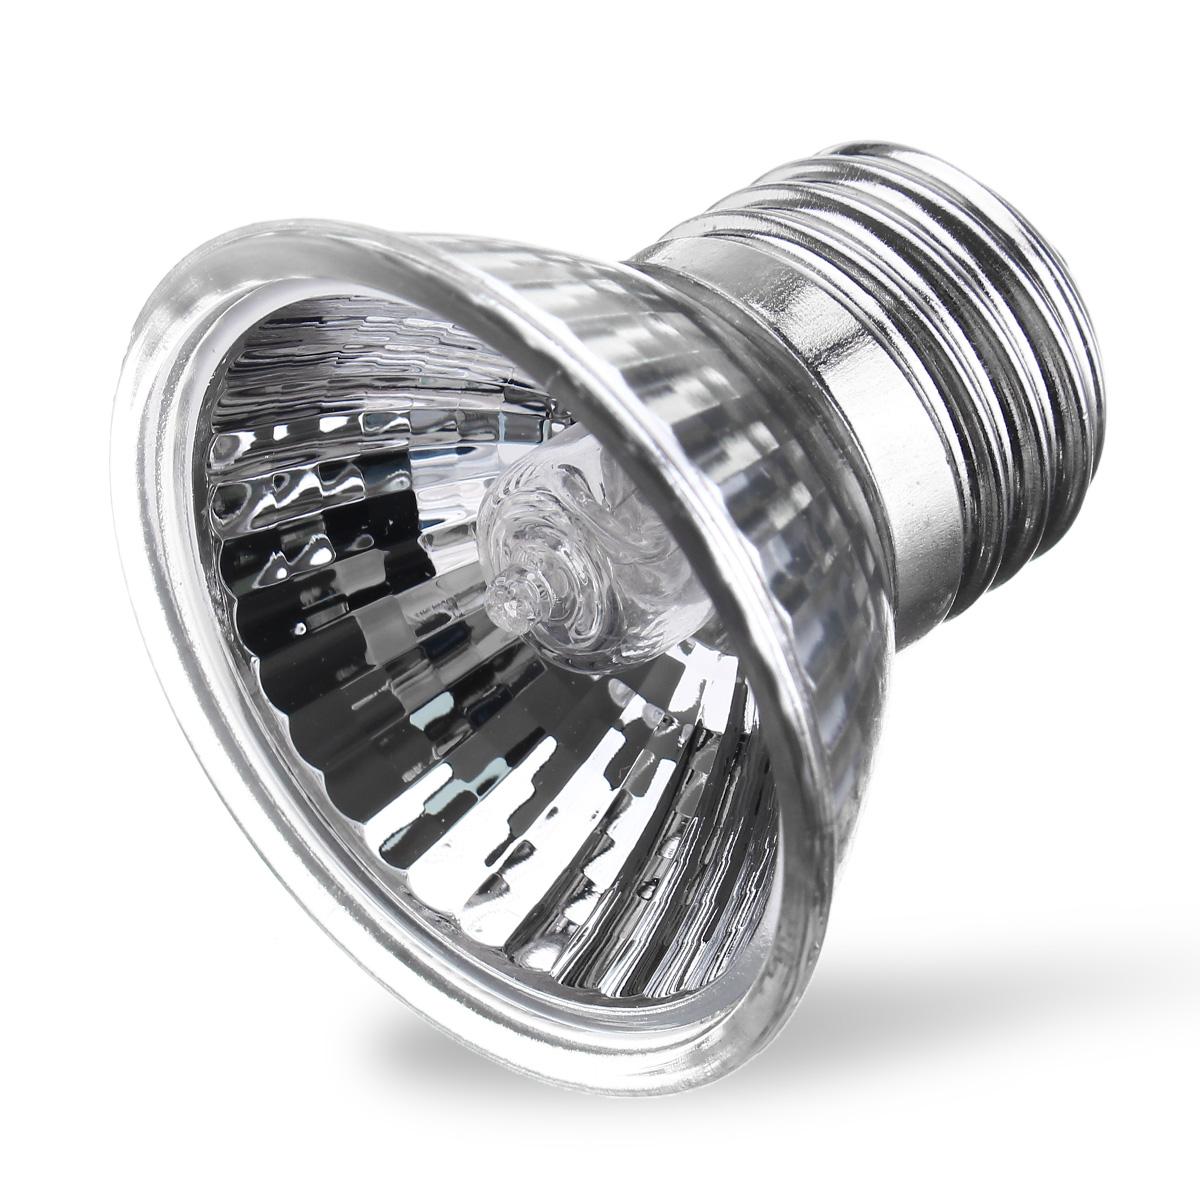 E27 25W 40W 50W 60W 75W UVA+UVB Light Bulb Reptile Pet Terrarium Brooder Heater